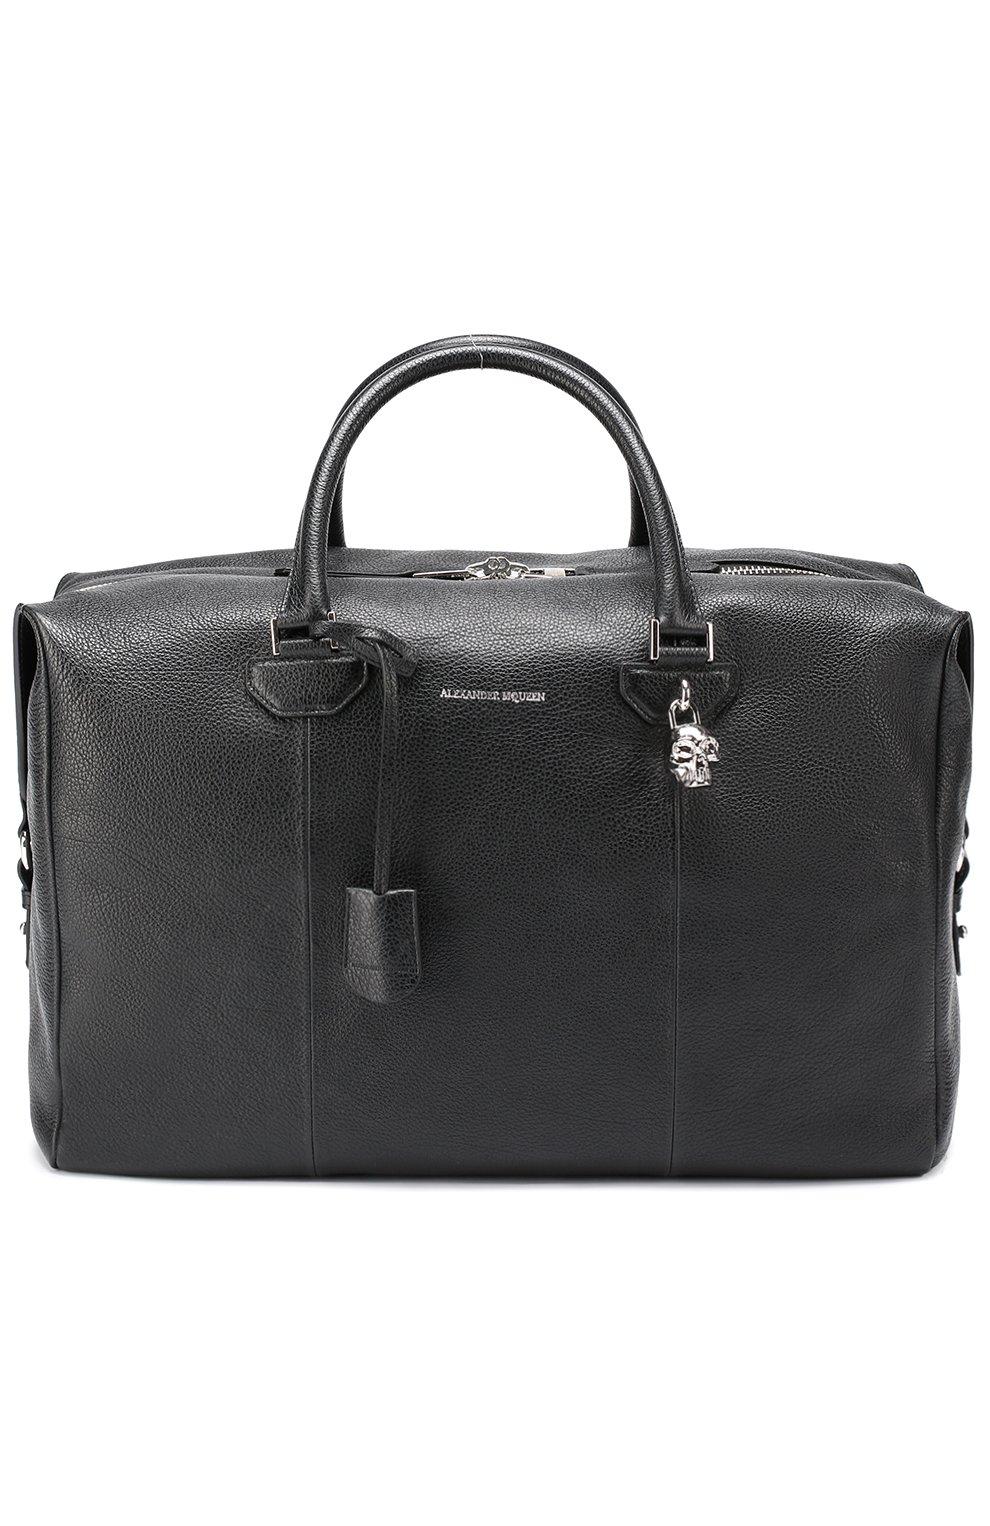 1b2206c8c9dd Кожаная дорожная сумка с плечевым ремнем Alexander McQueen черная   Фото №1